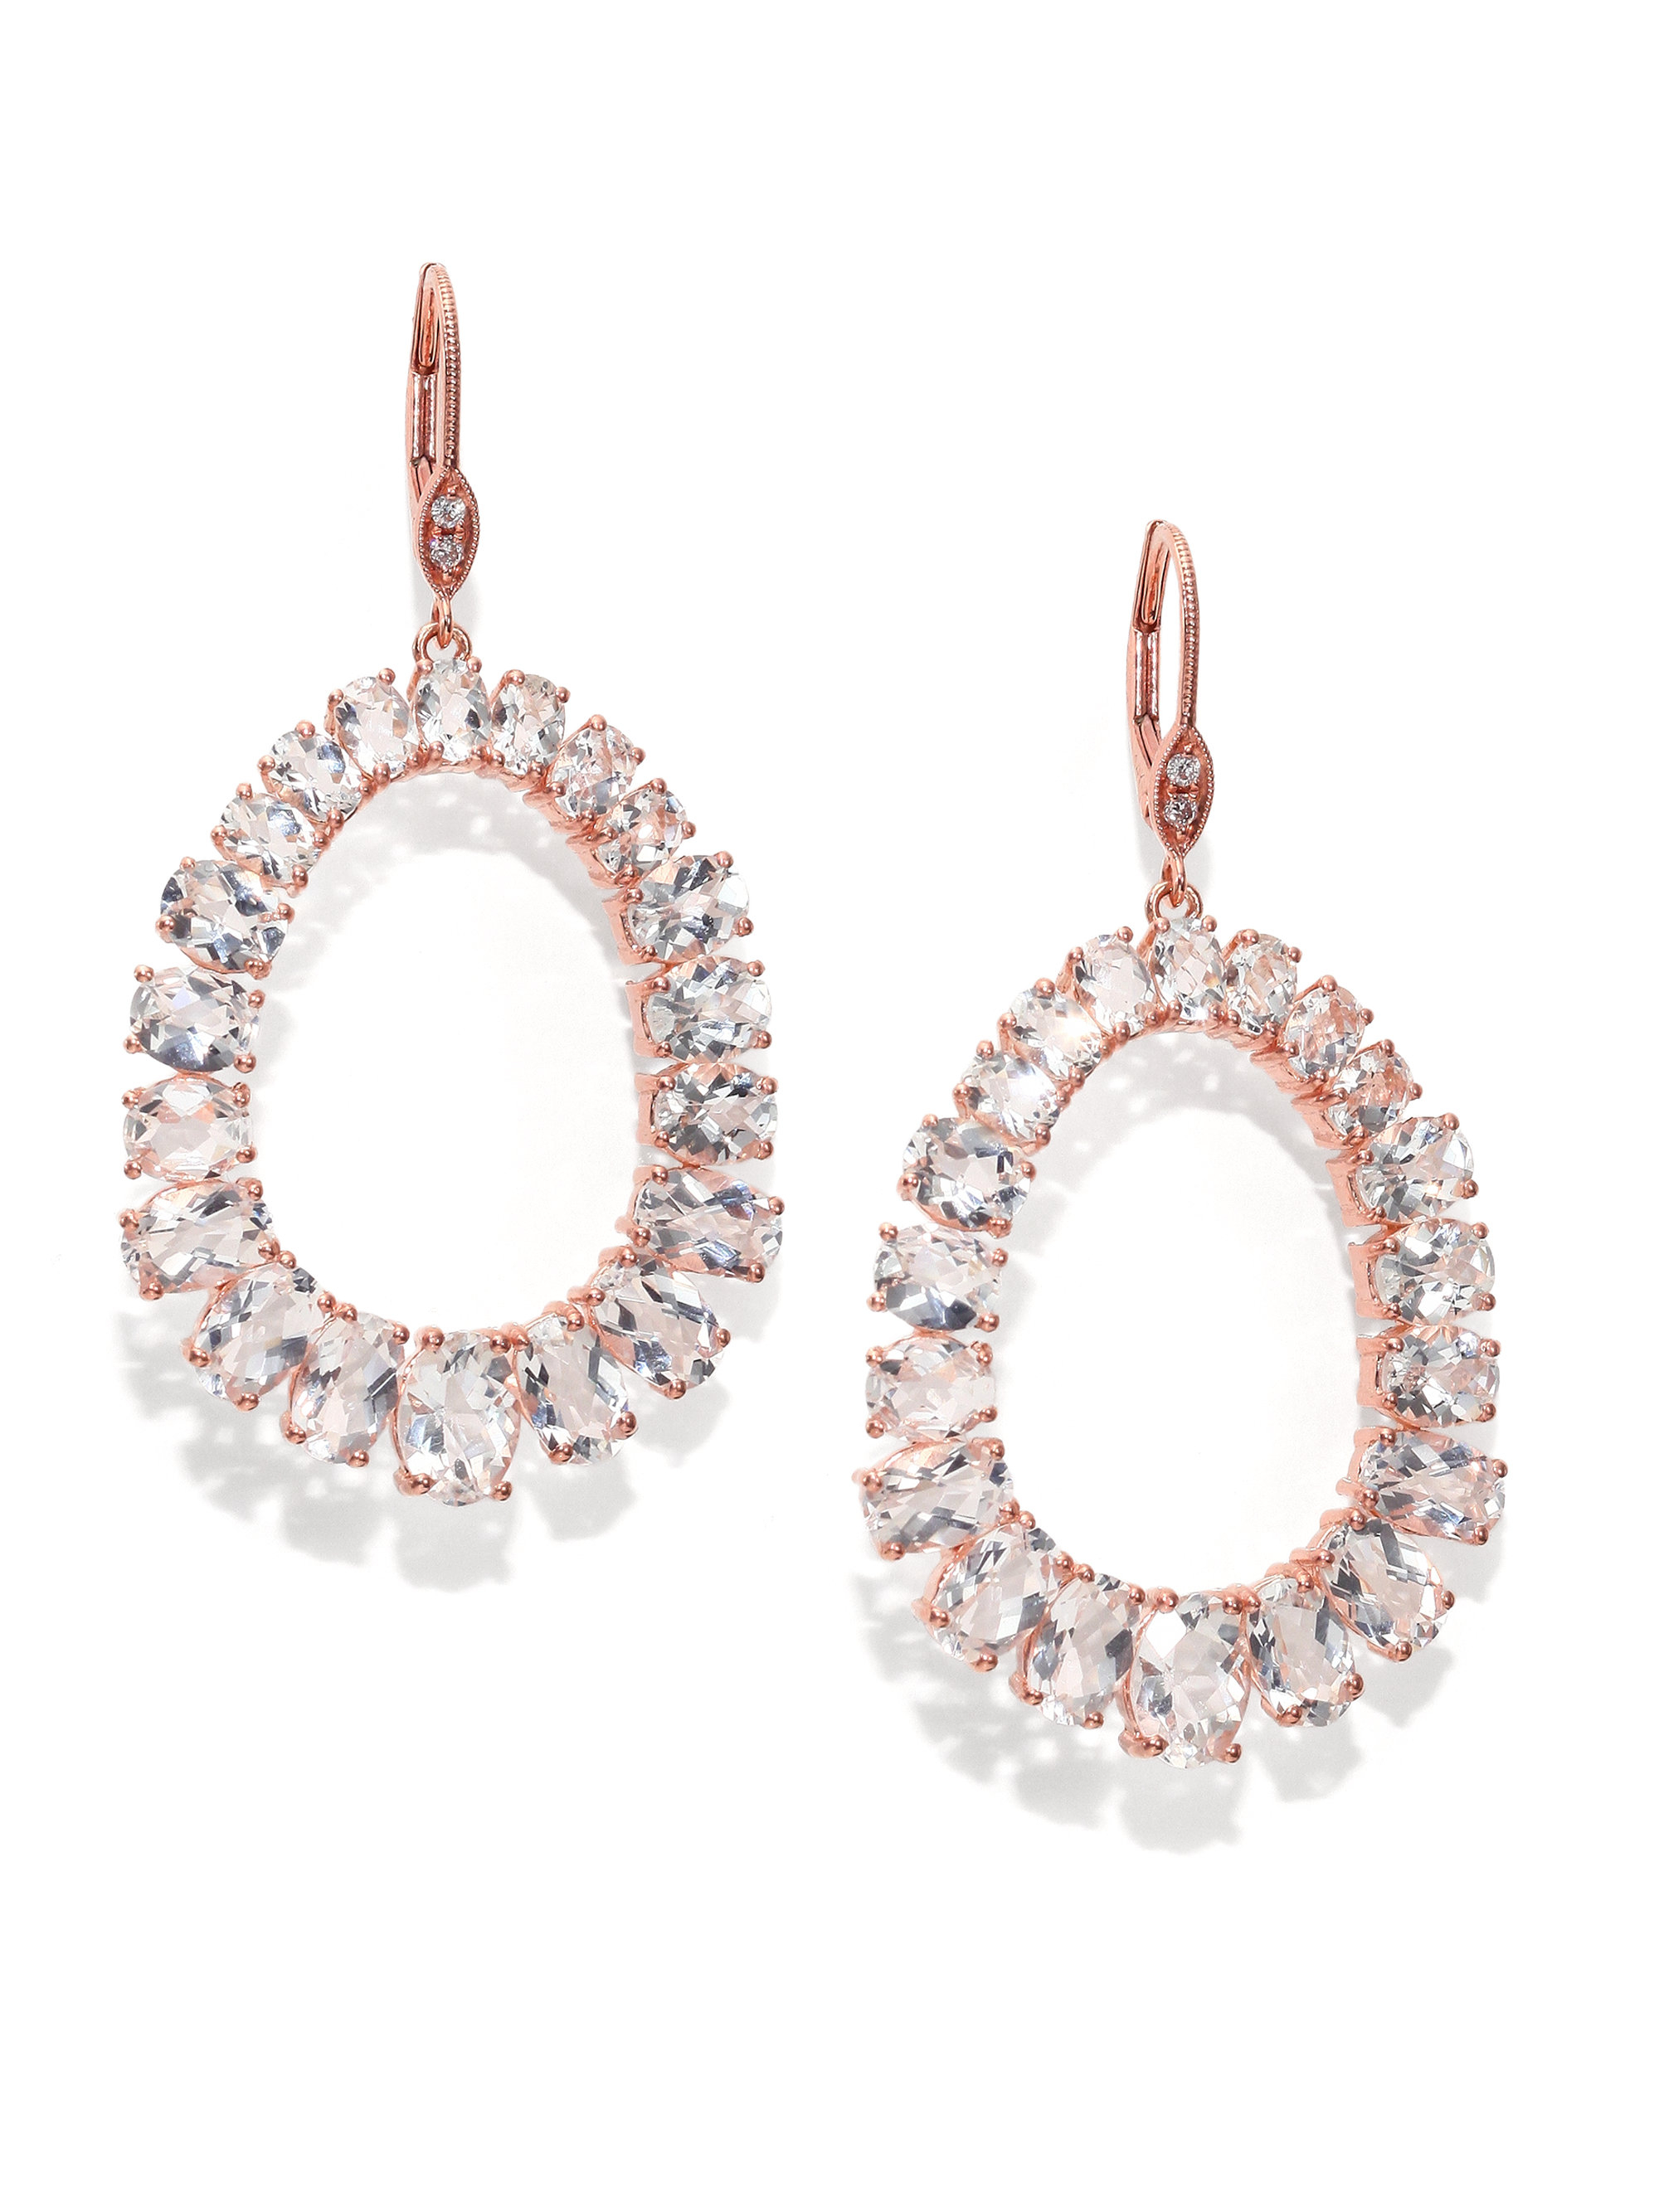 14K Gold White Diamond Earrings Meira T hghMYTxH